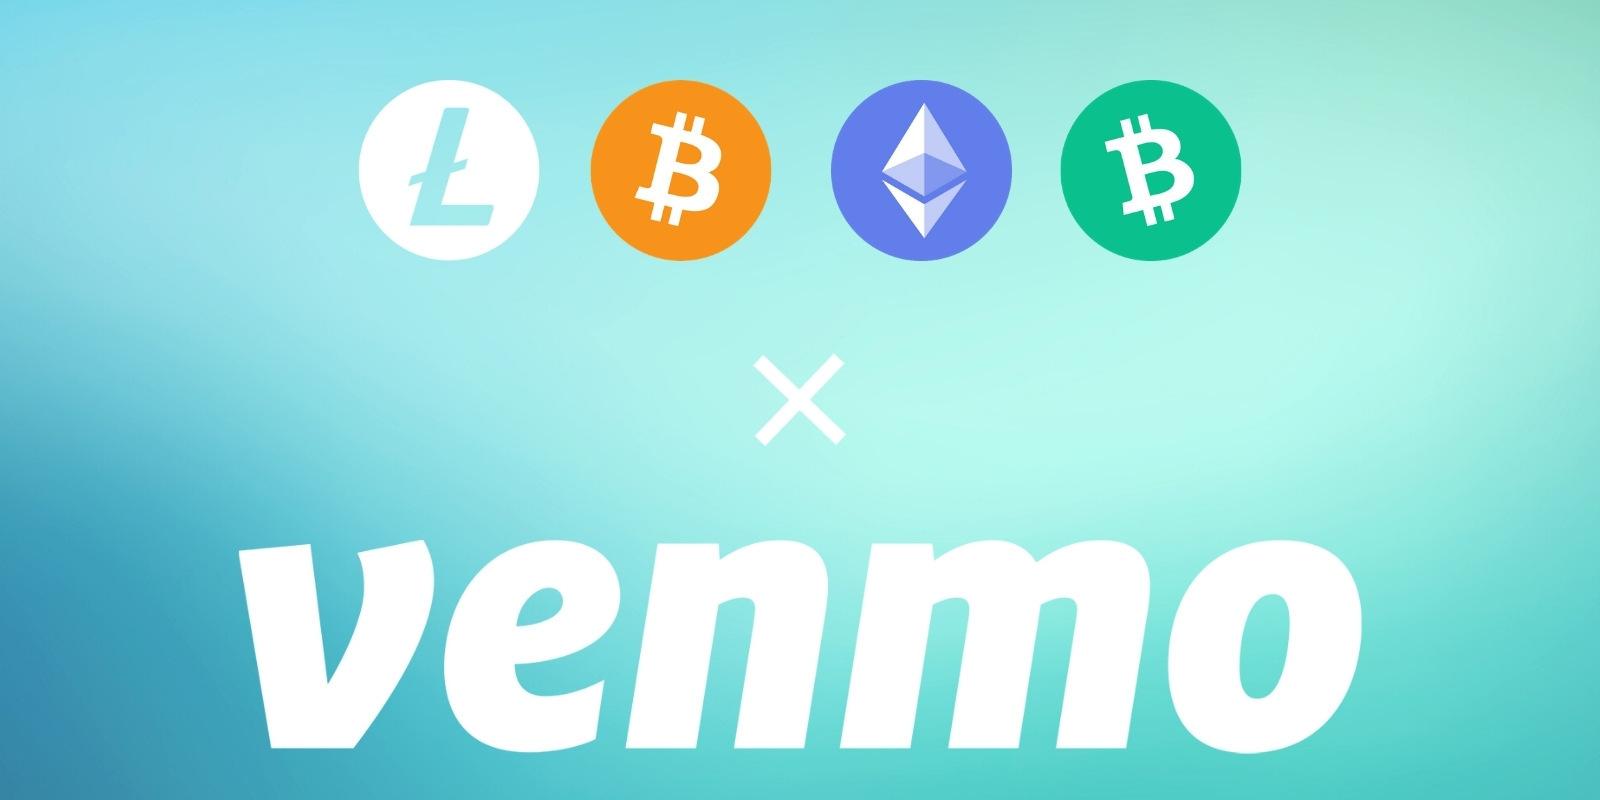 L'application de paiement P2P Venmo introduit les cryptomonnaies